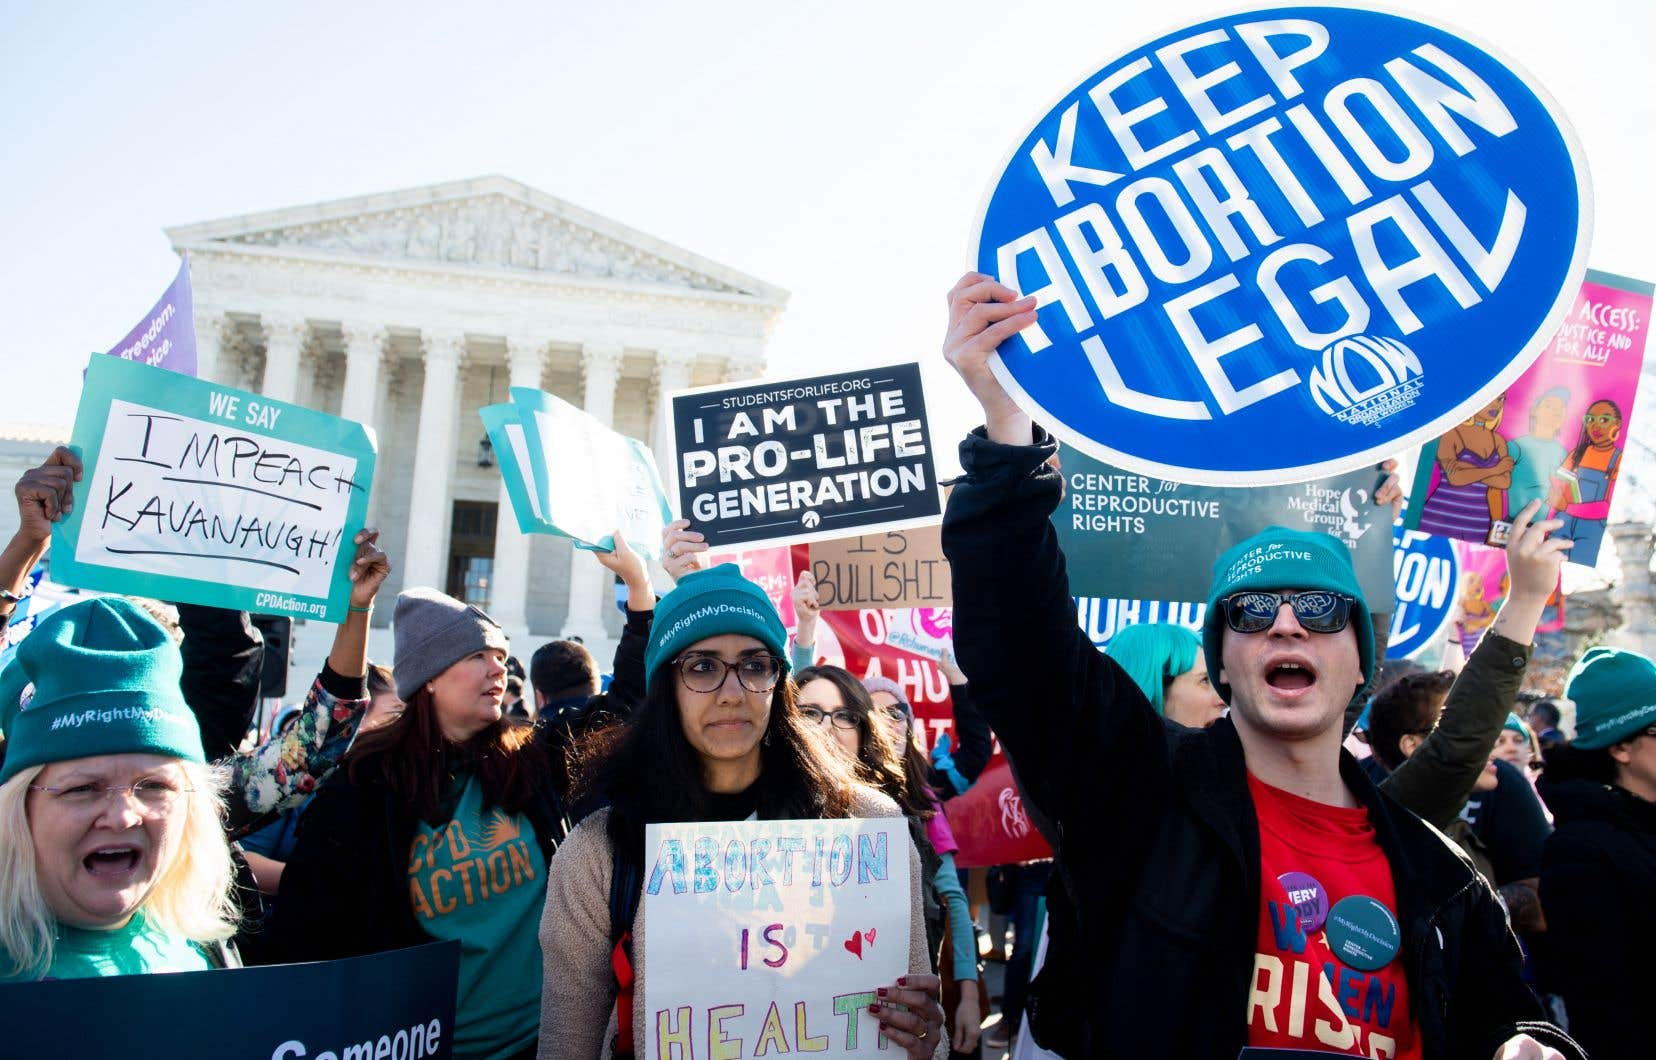 Des militants pro-choix manifestant devant la Cour suprême des États-Unis, à Washington, en mars 2020